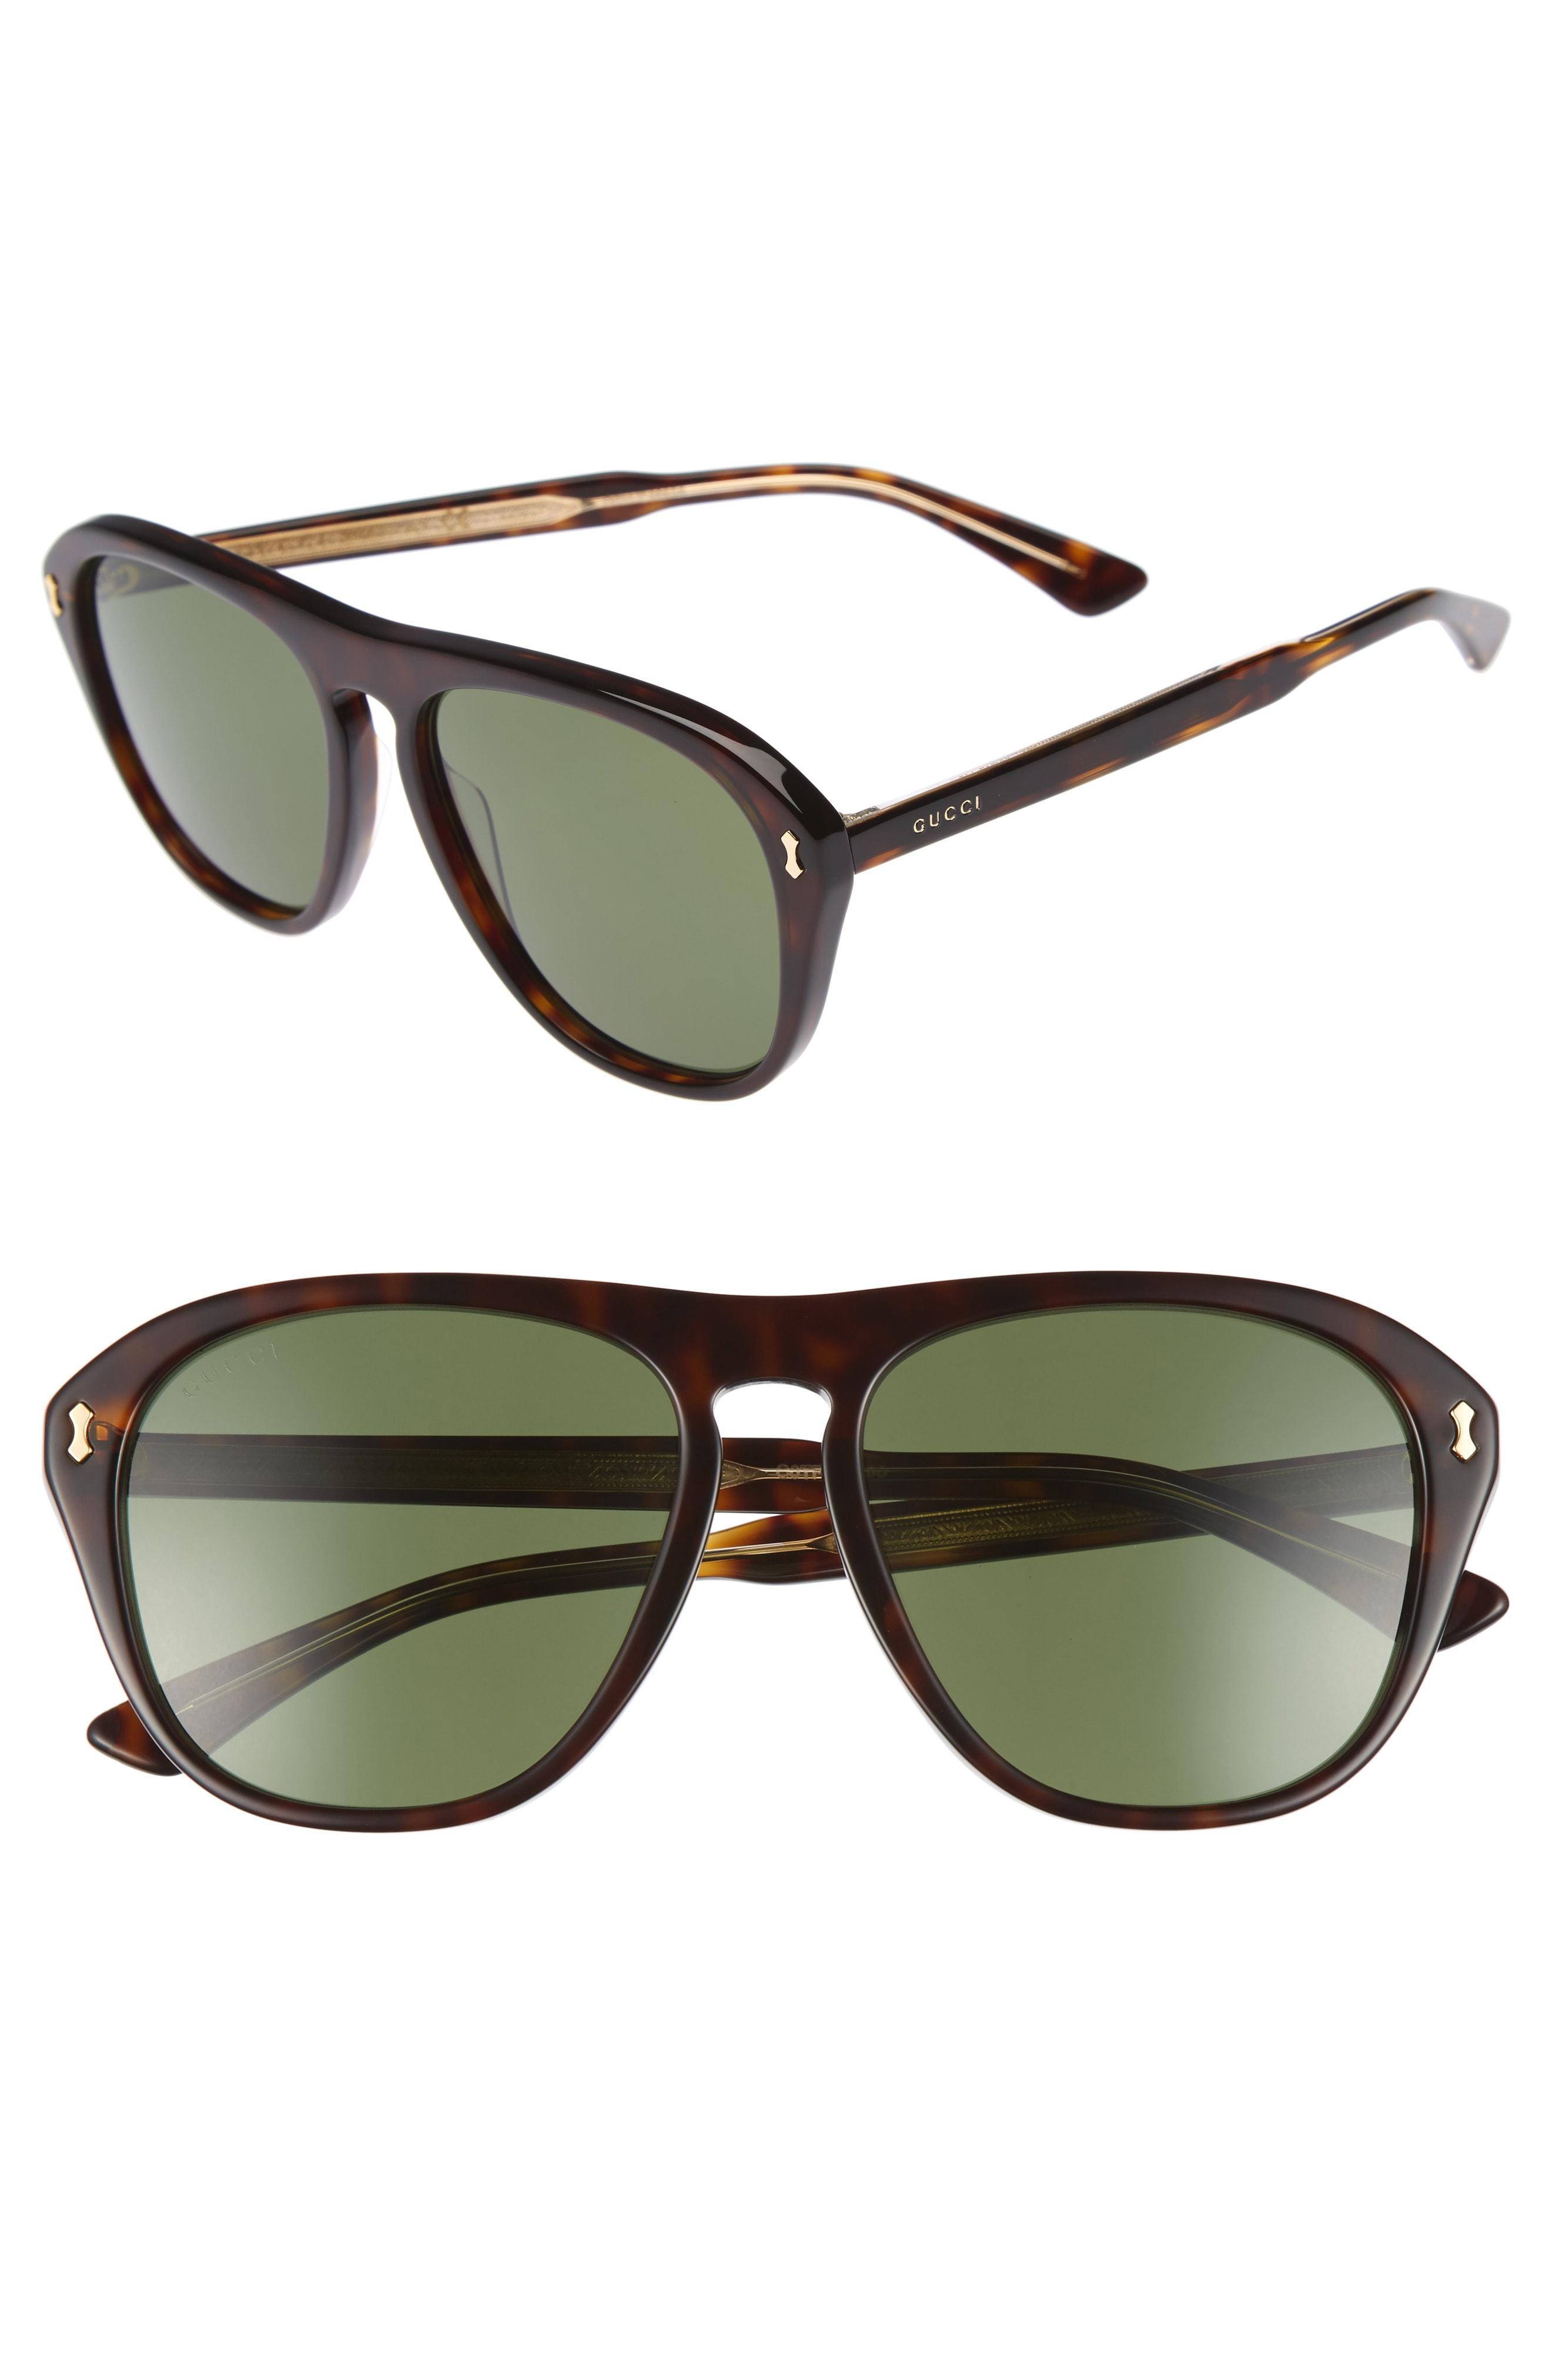 5b4b2bff8a5 Gucci Men s Acetate Aviator Optical Frames W  Sunglasses